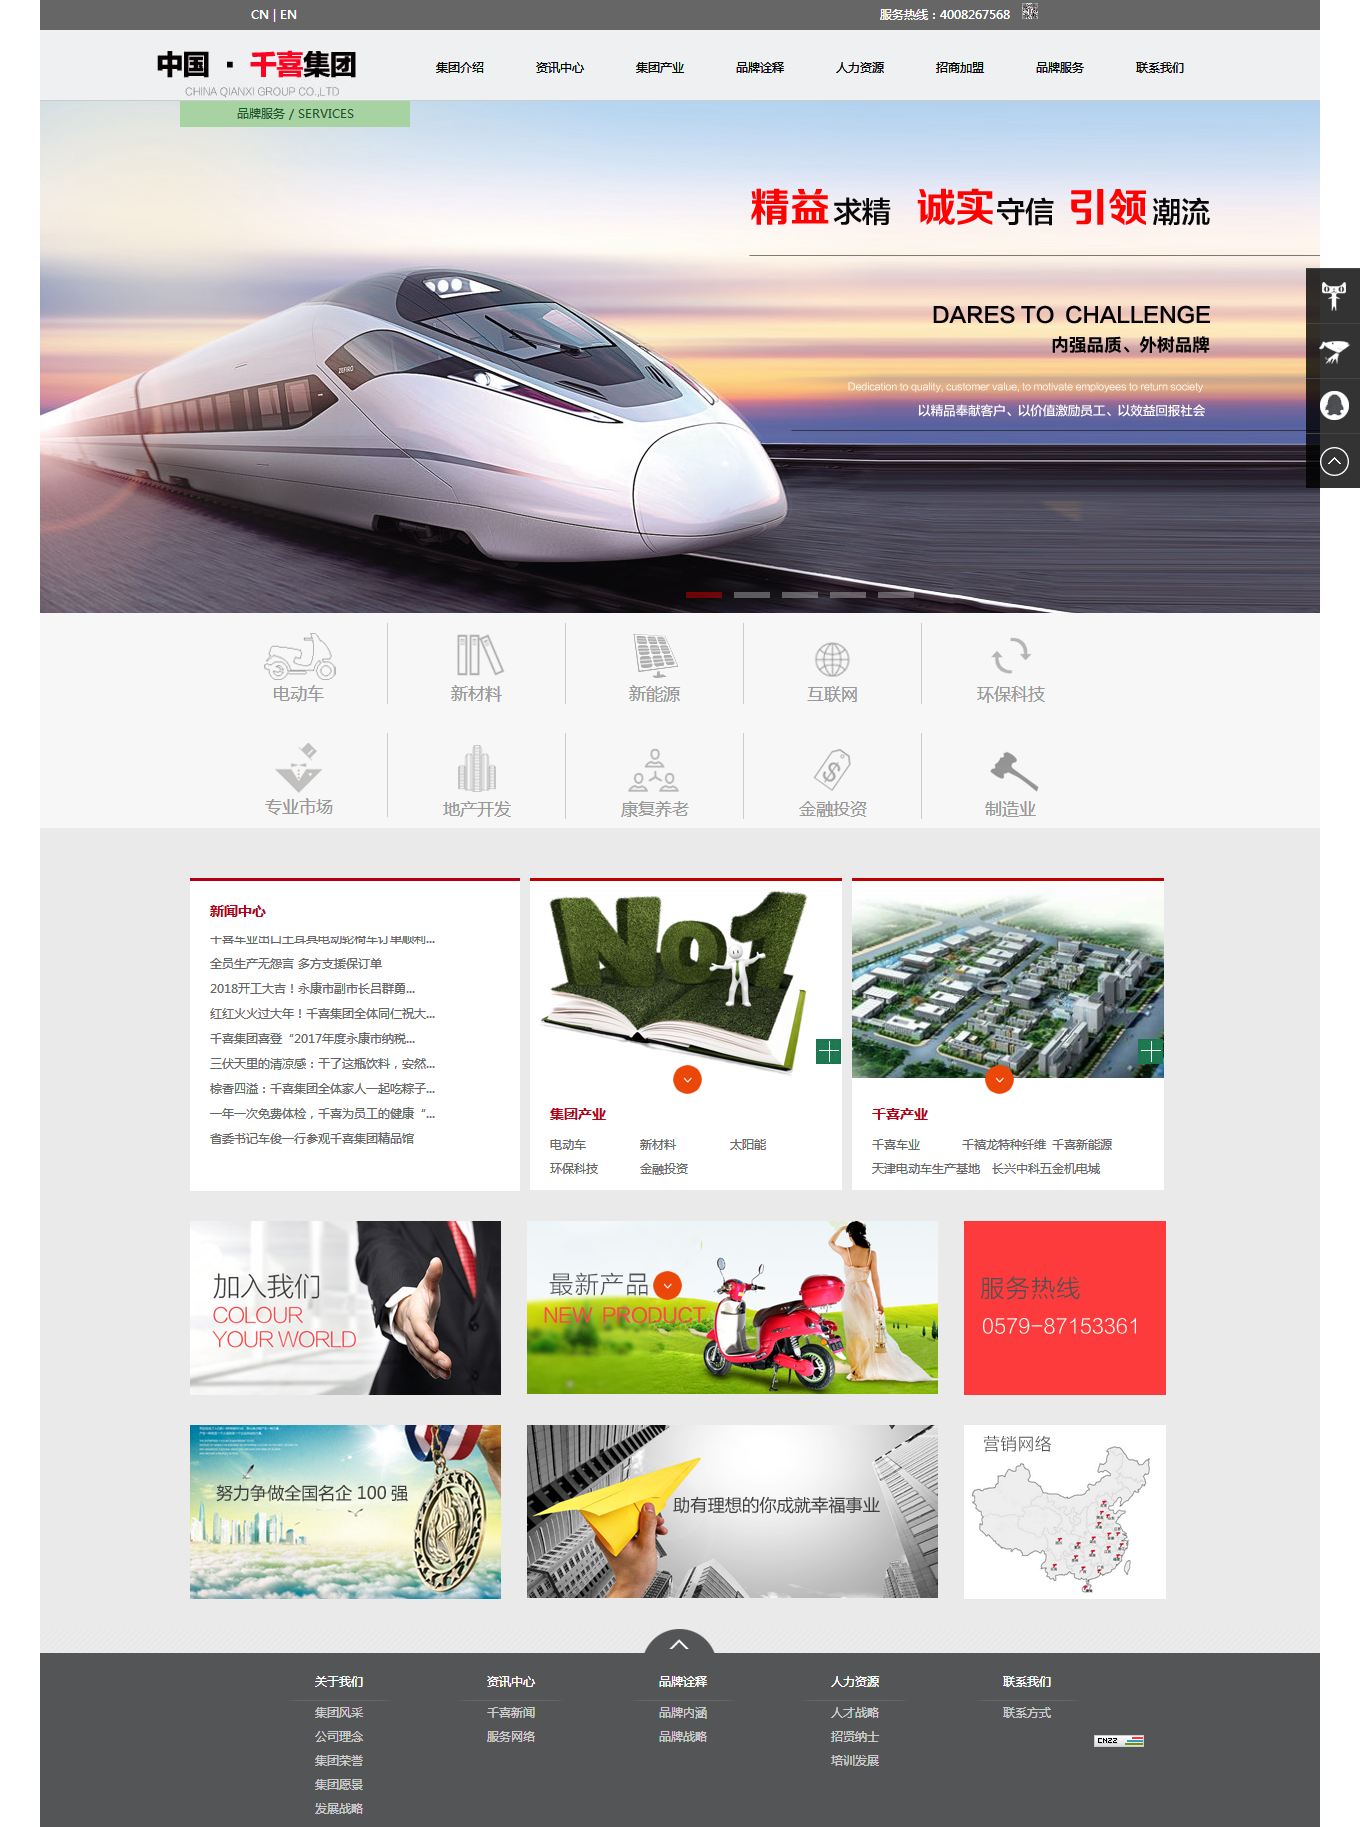 千喜品牌型网站案例展示